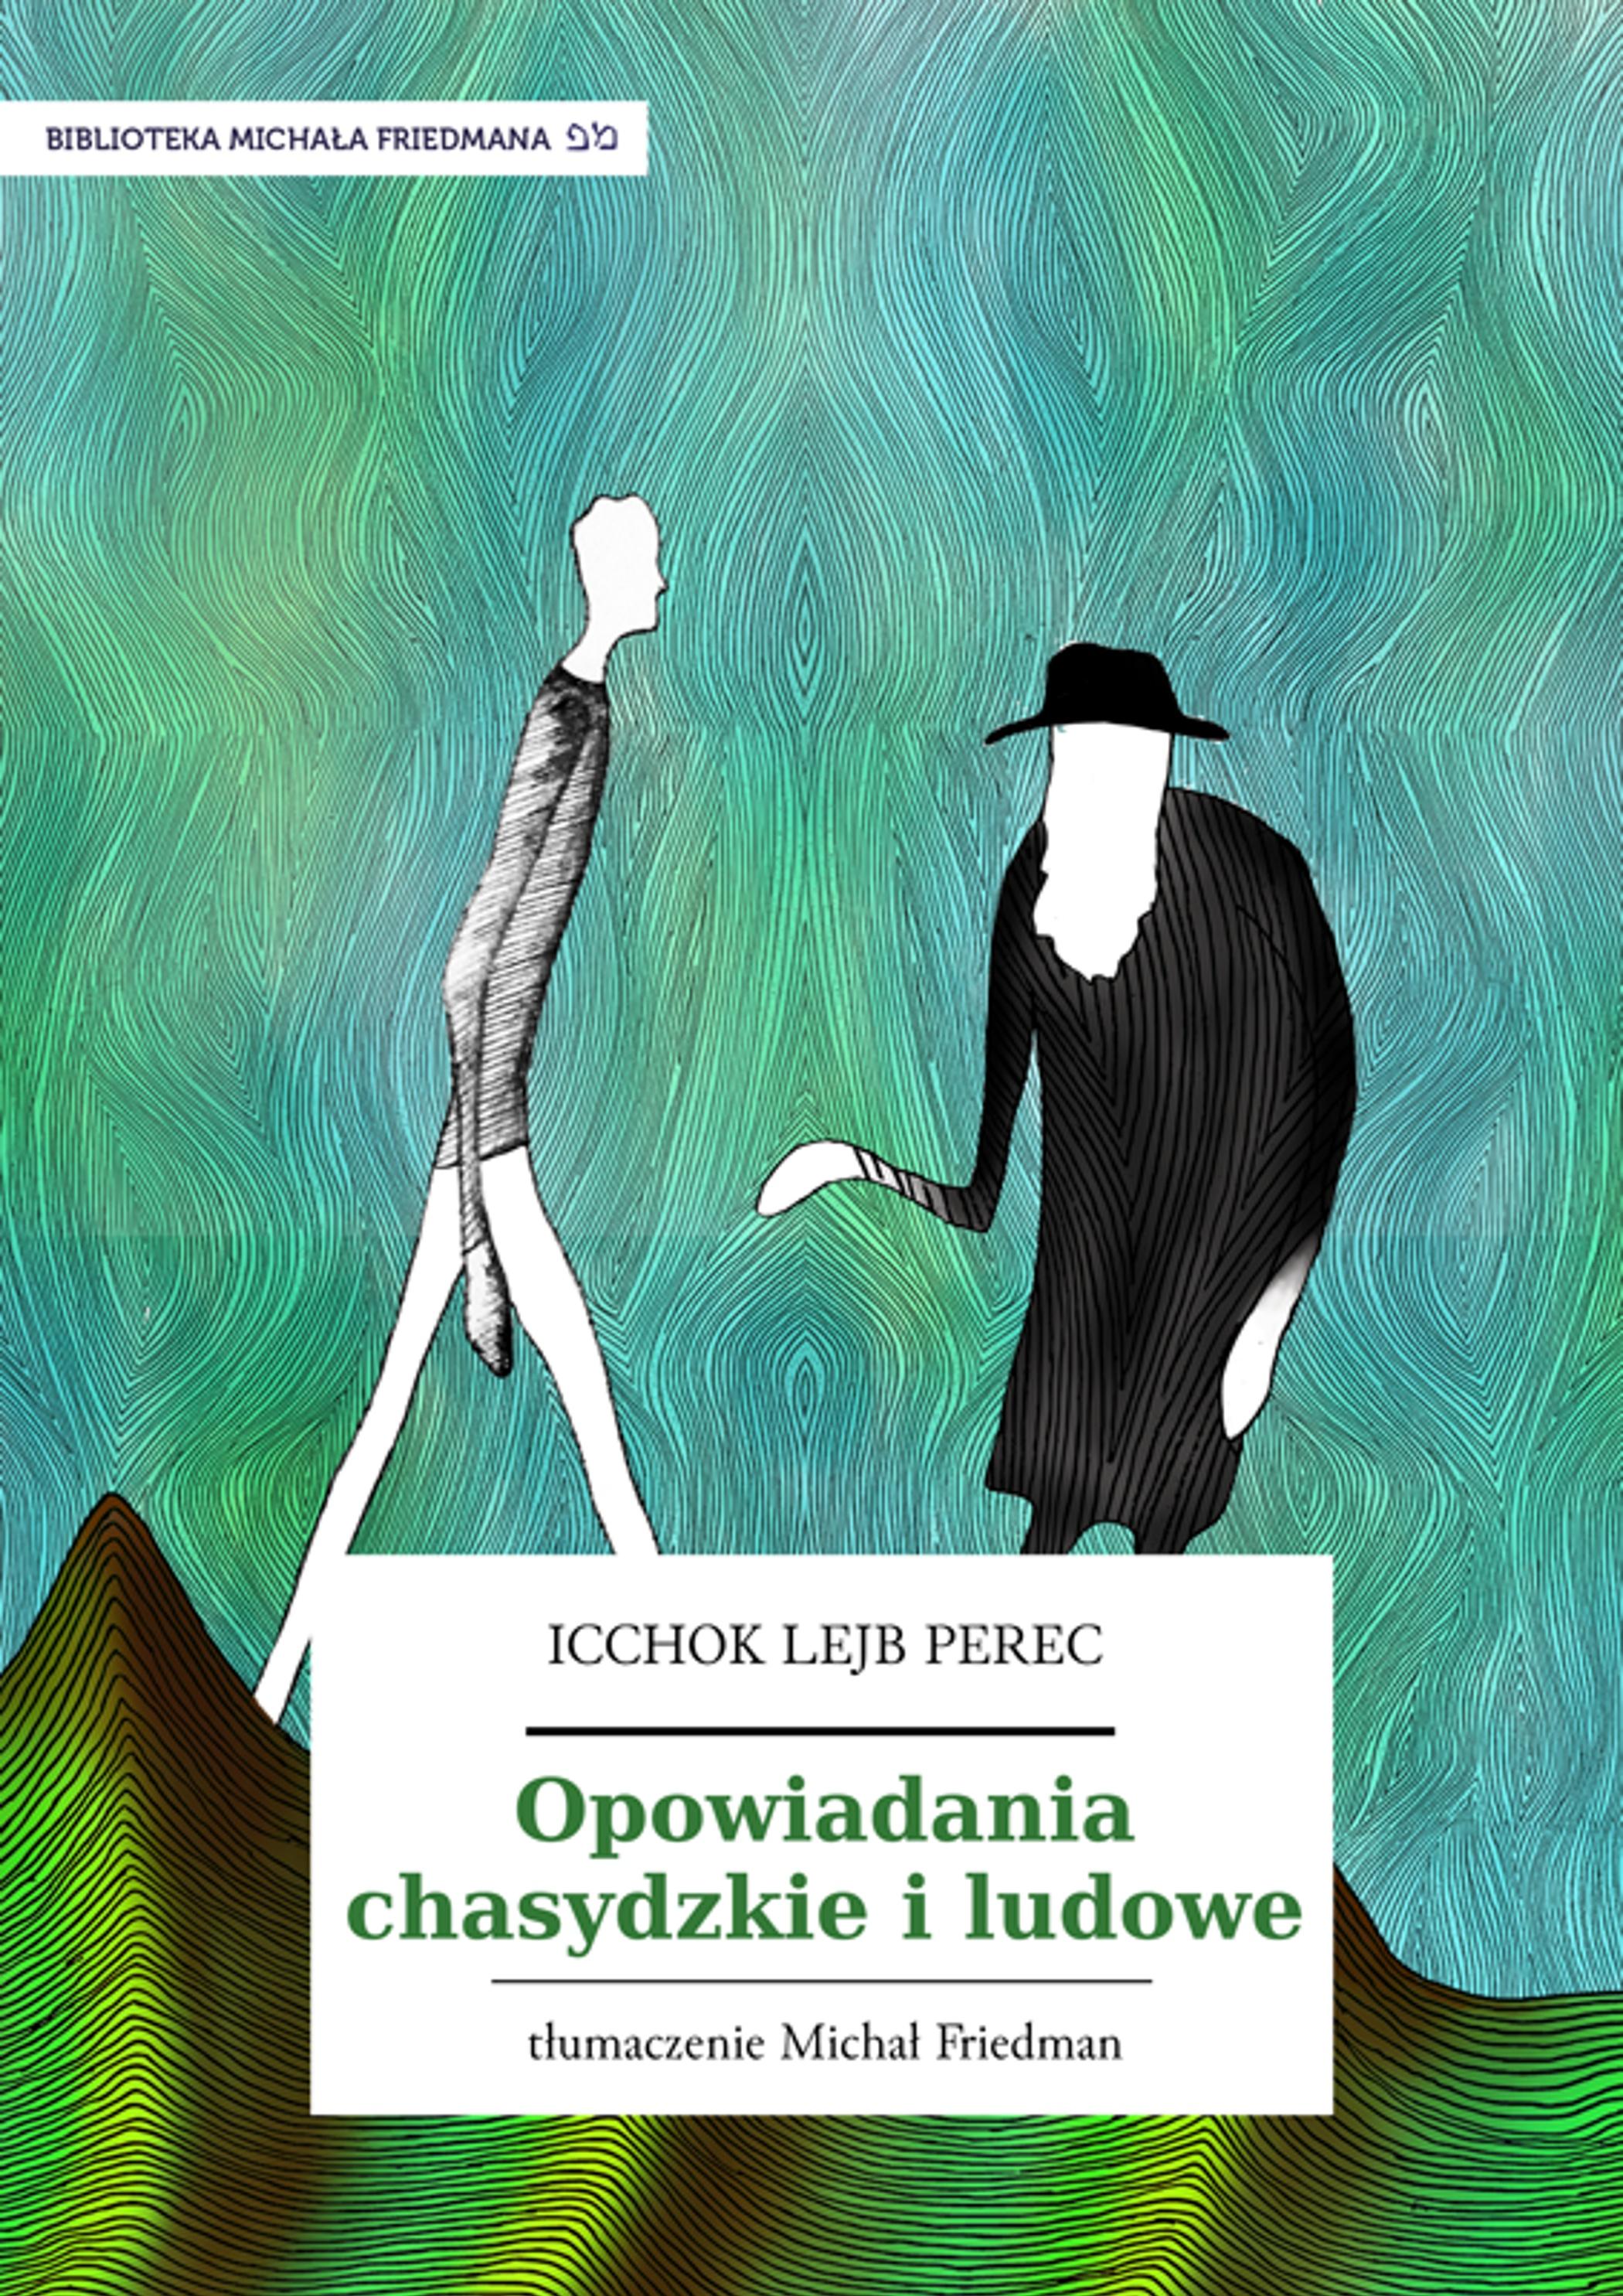 Icchok Lejb Perec Opowiadania Chasydzkie I Ludowe Wolne